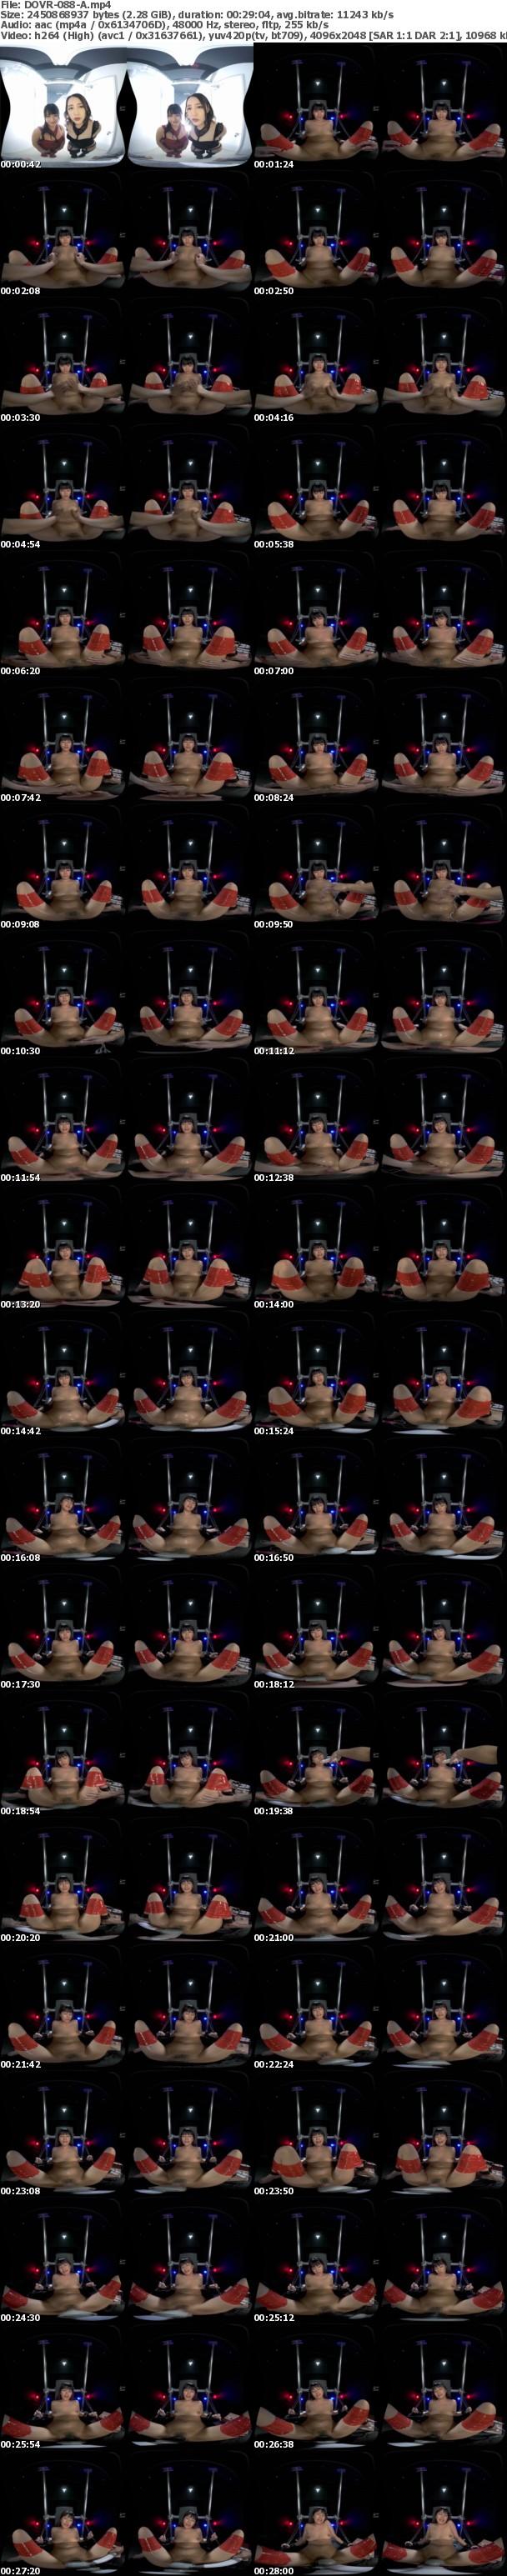 (VR) DOVR-088 イカセ好きなSのあなたに「気持ち良くしていただきありがとうございます」と言われるVR 美咲かんな・如月夏希